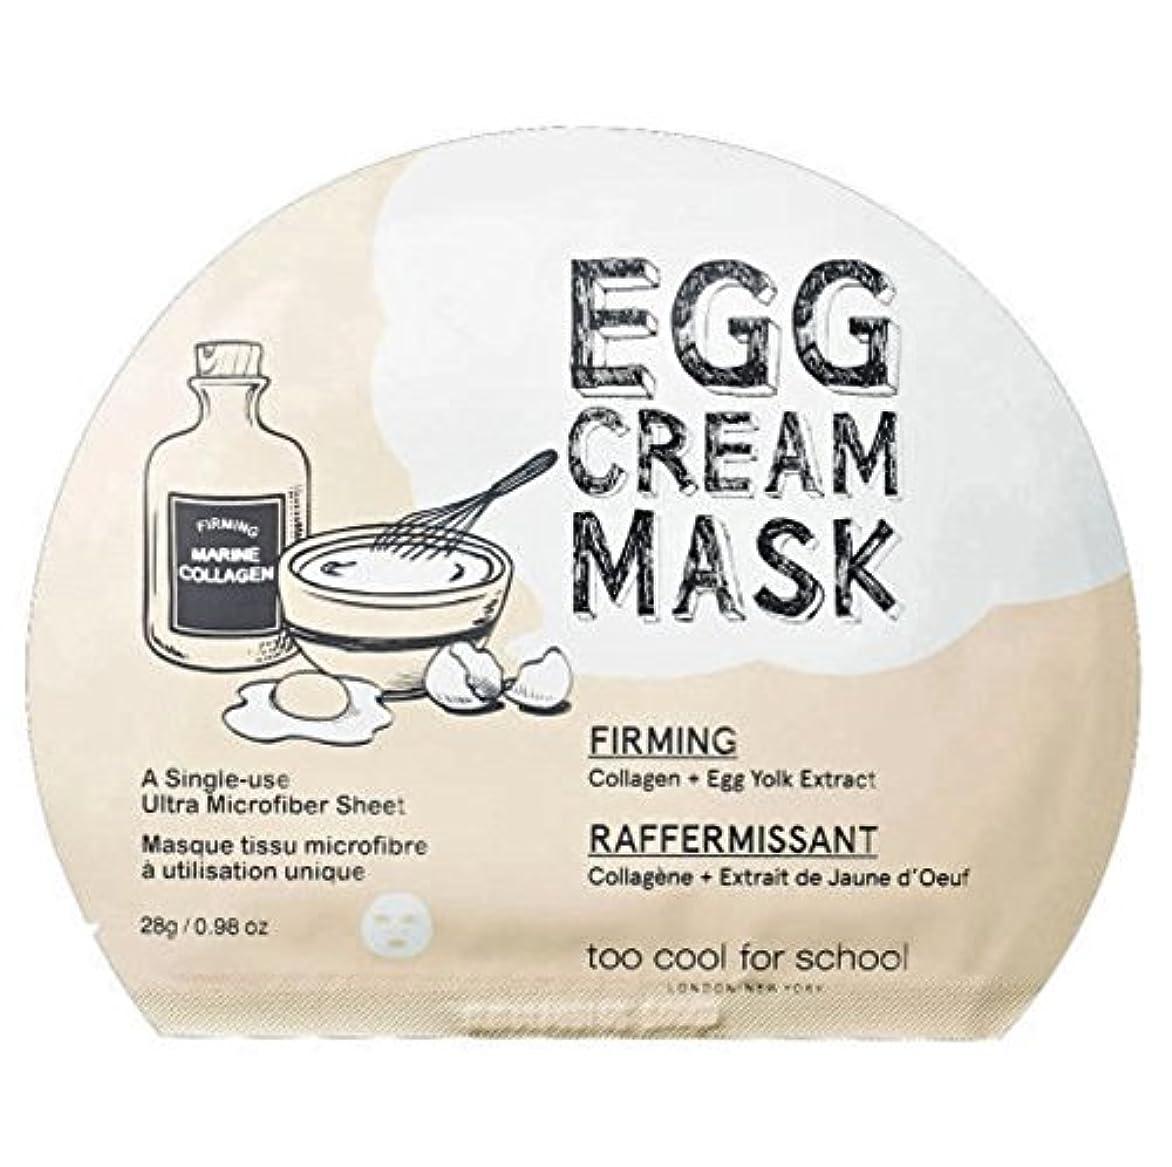 はず口実シード[New] too cool for school Egg Cream Mask (Firming) 28g × 5ea/トゥークール フォースクール エッグ クリーム マスク (ファーミング) 28g × 5枚